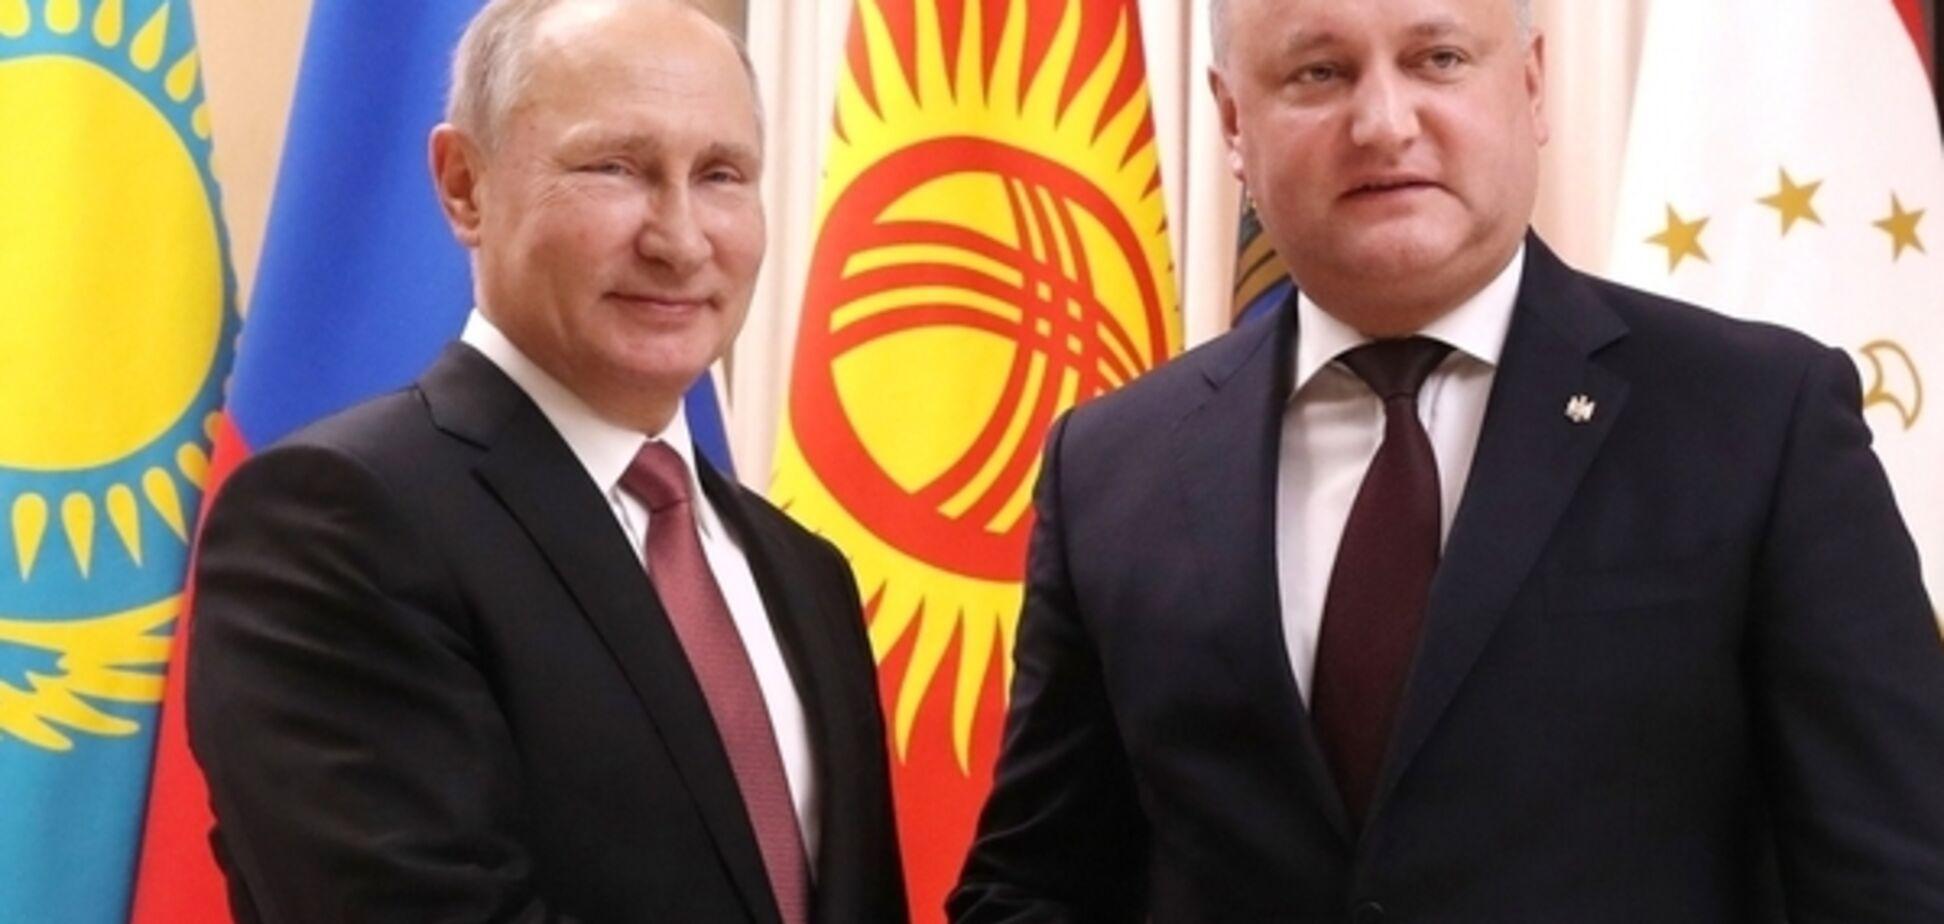 'Я все знаю!' Президент-друг Путіна заявив, що його хочуть вбити